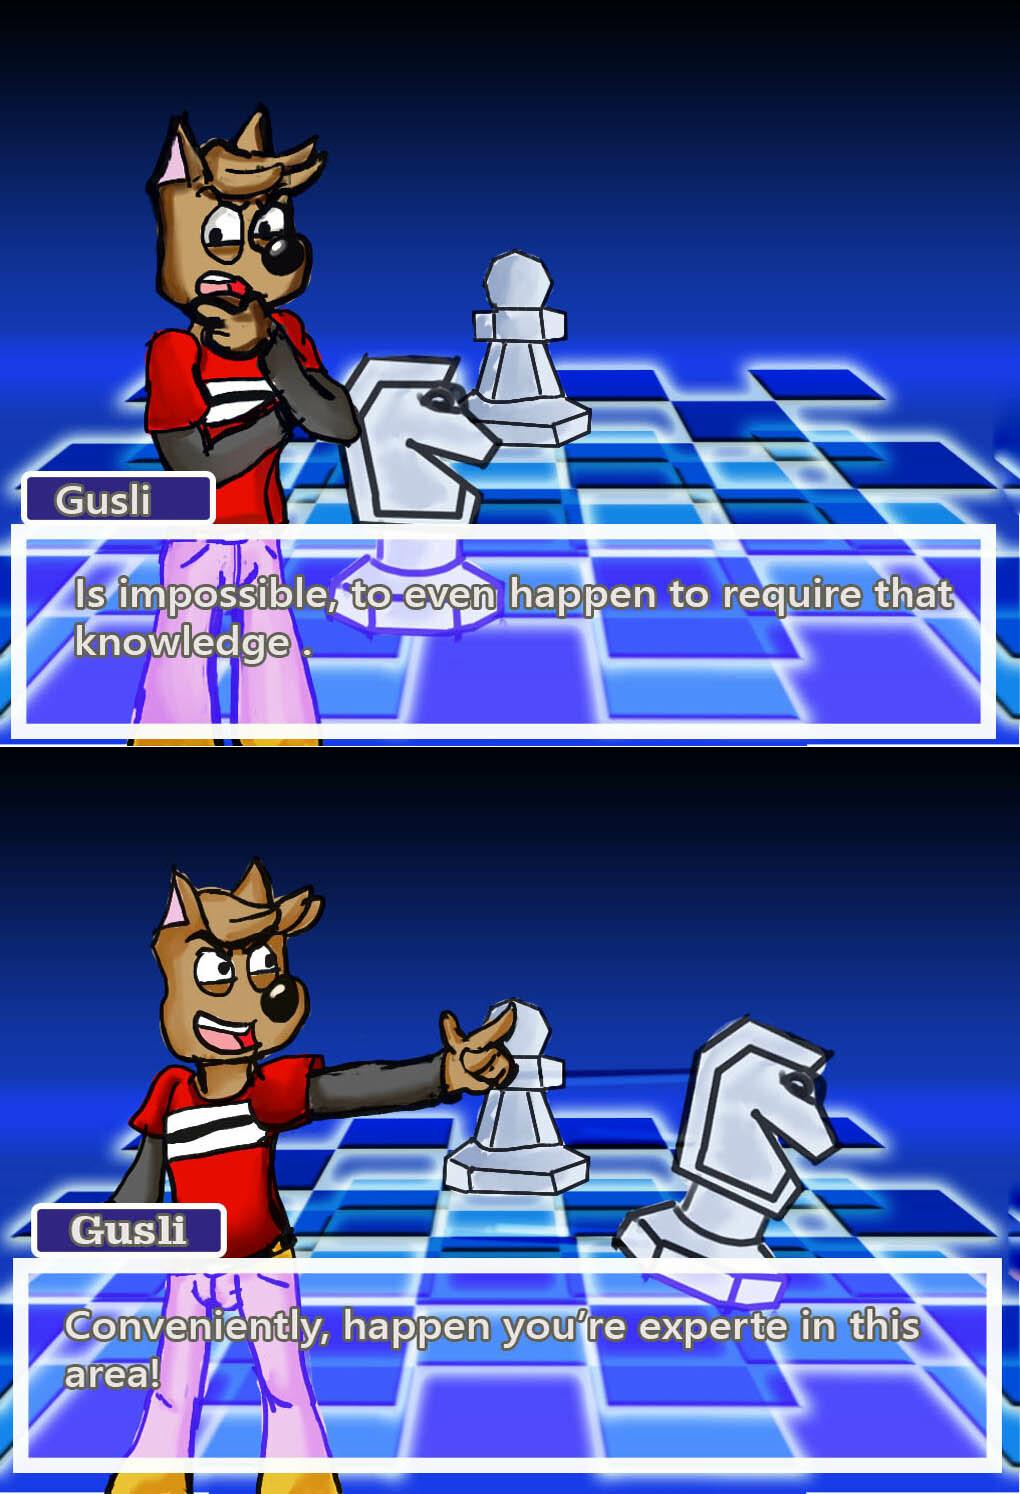 Logic Chess Gusli